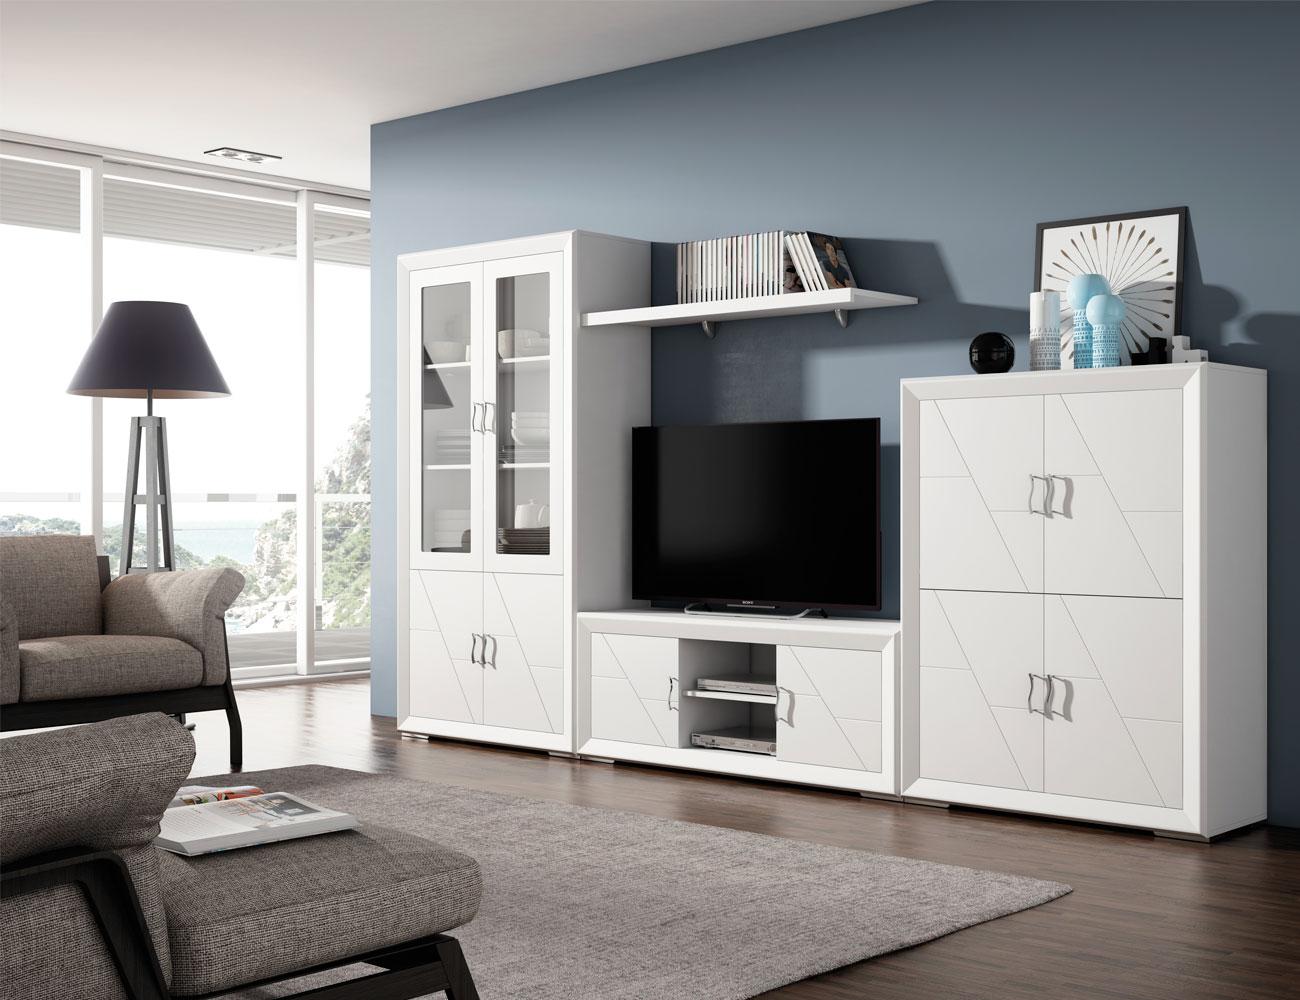 Muebles comedor blanco lacado 20170801200010 for Mueble salon blanco